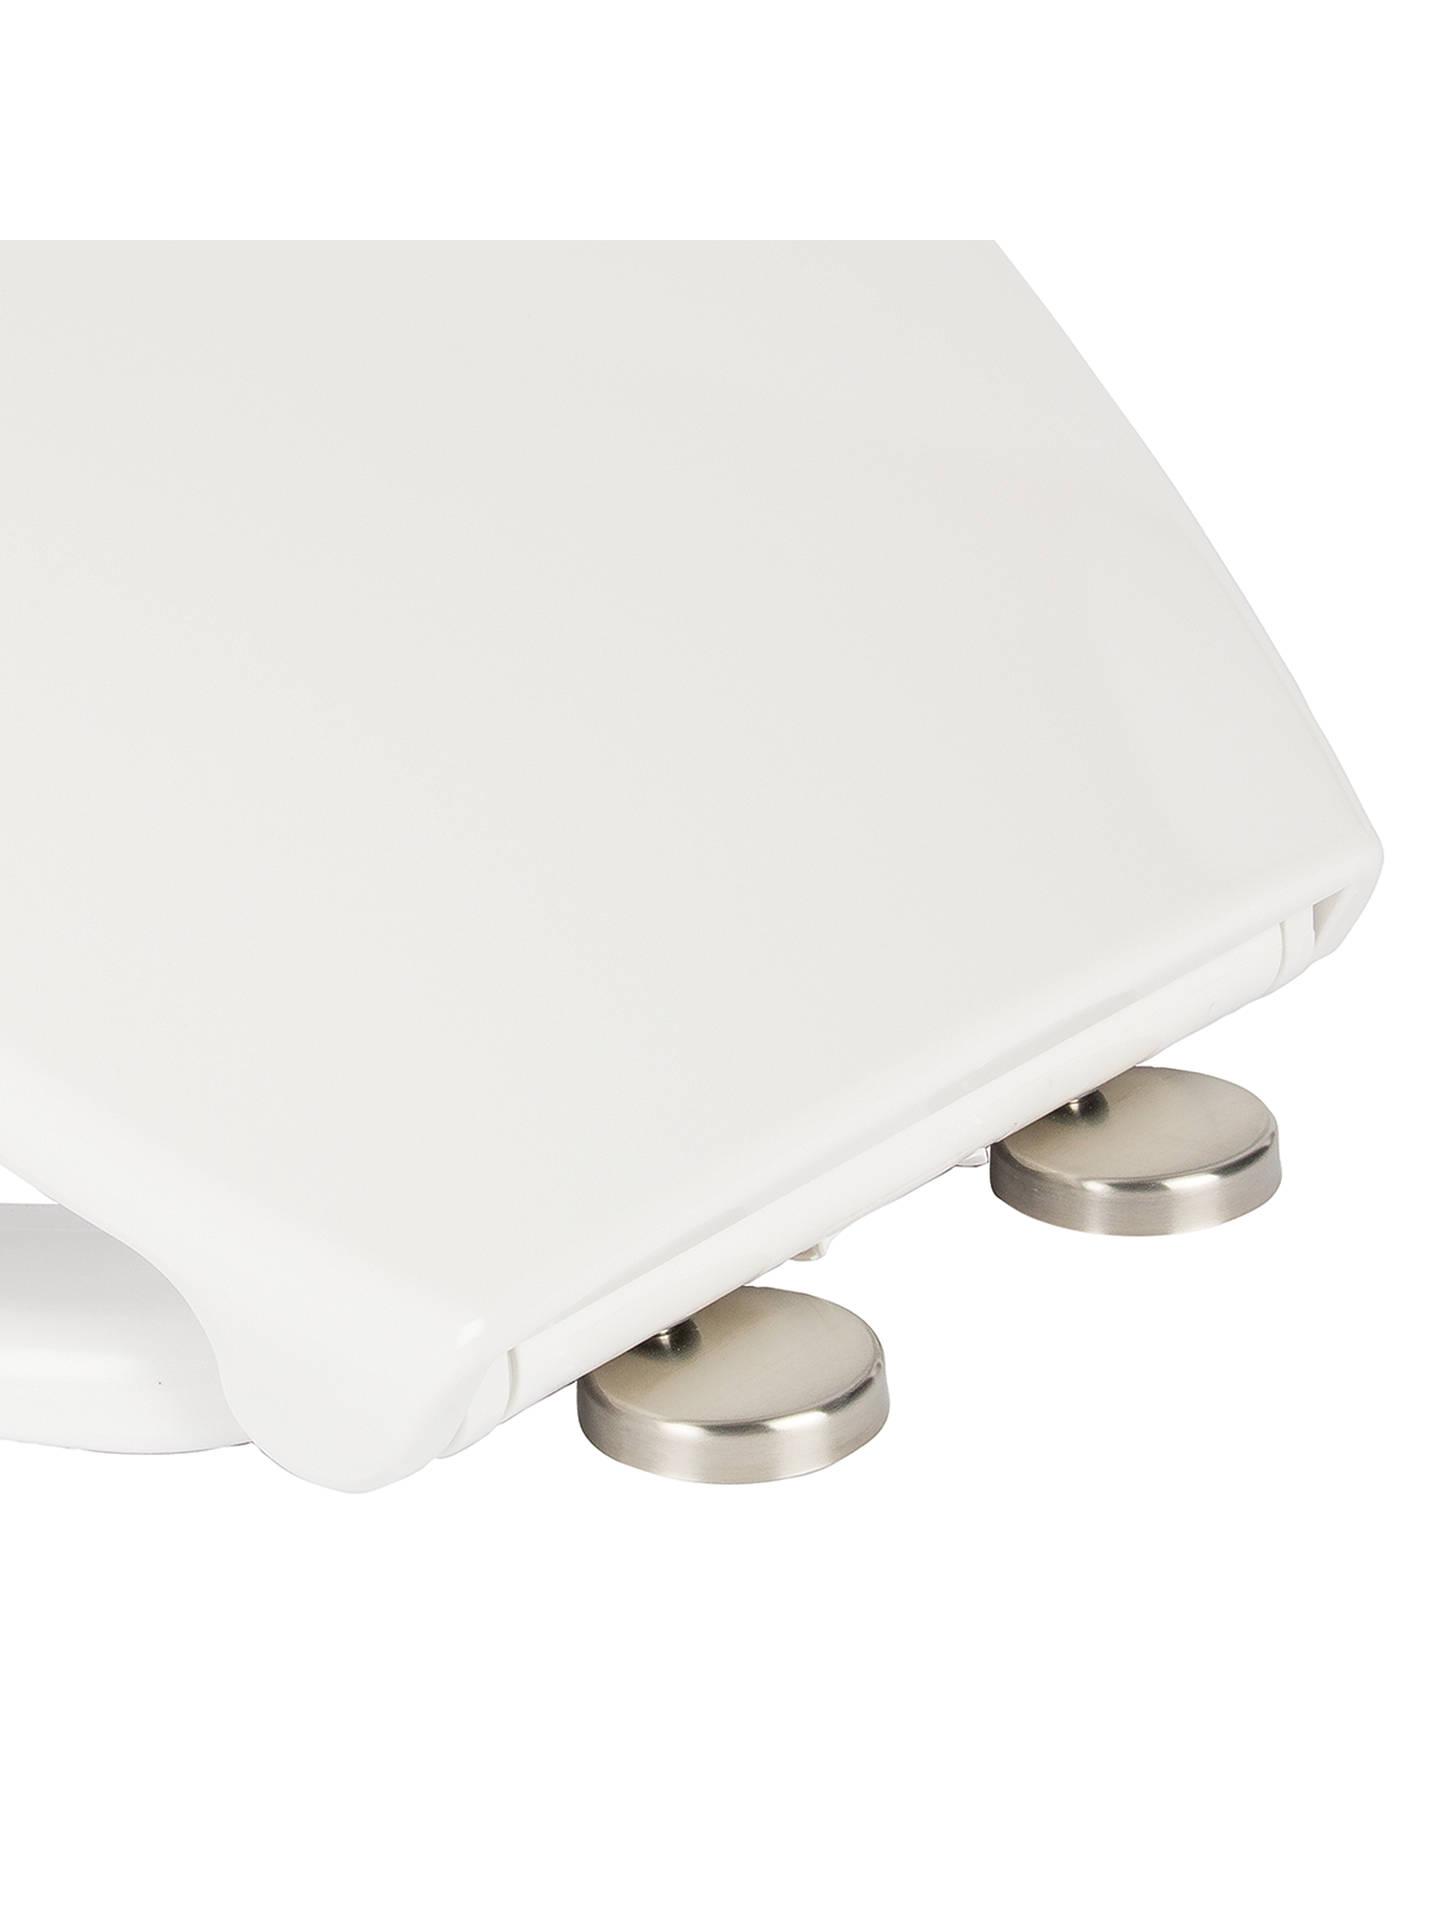 Croydex Lumino Self Lighting Toilet Seat at John Lewis